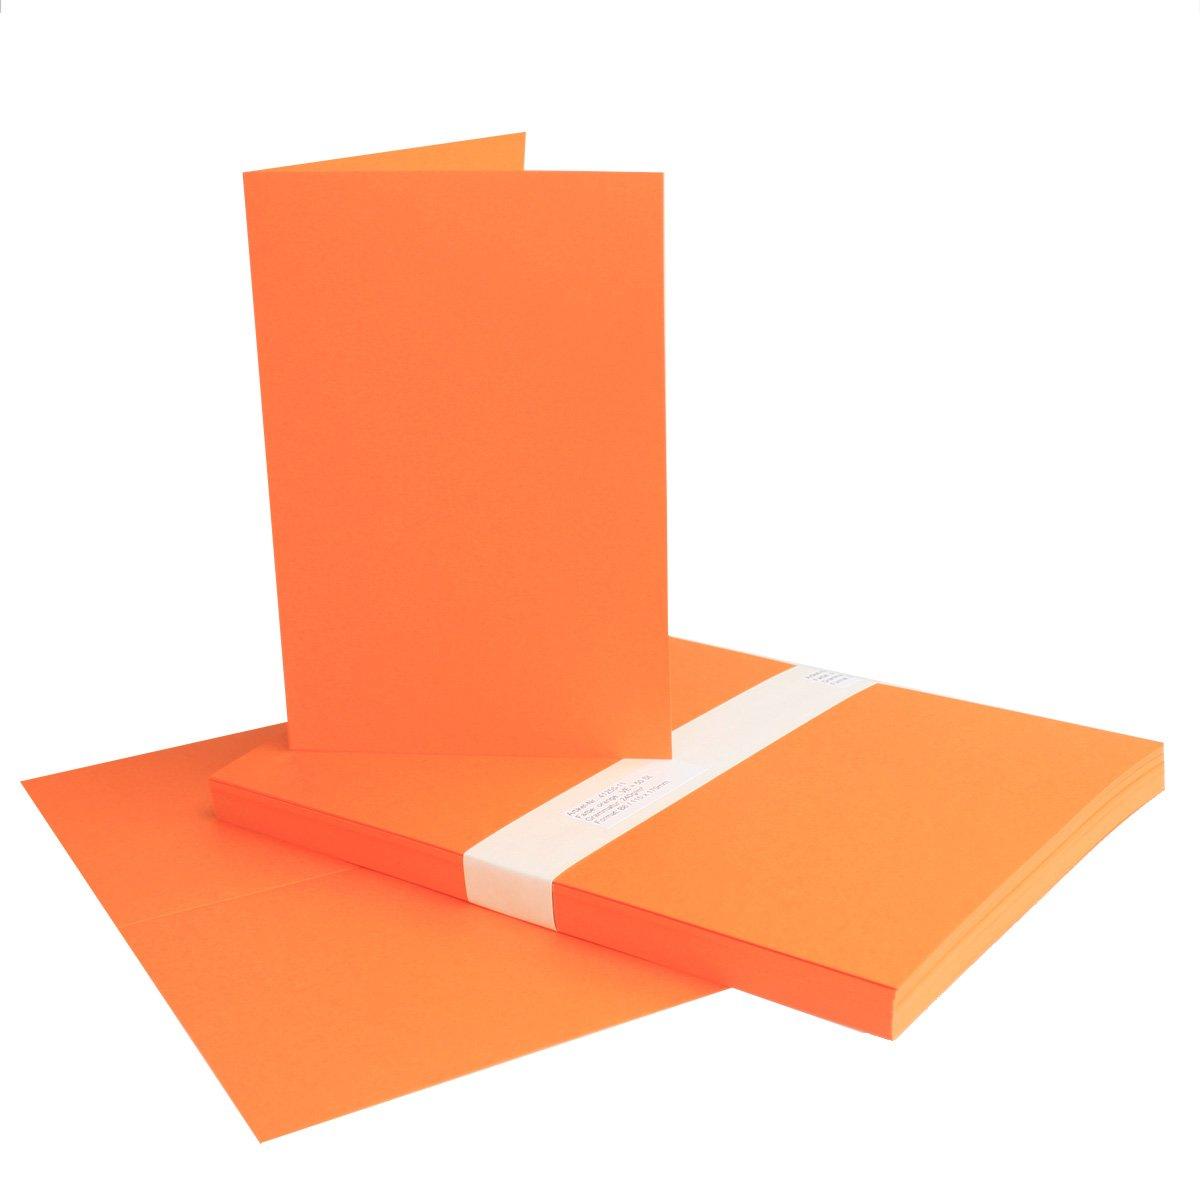 150x Falt-Karten DIN A6 Blanko Doppel-Karten Doppel-Karten Doppel-Karten in Vanille -10,5 x 14,8 cm   Premium Qualität   FarbenFroh® B079TVX4QW | Erste Klasse in seiner Klasse  2486fd